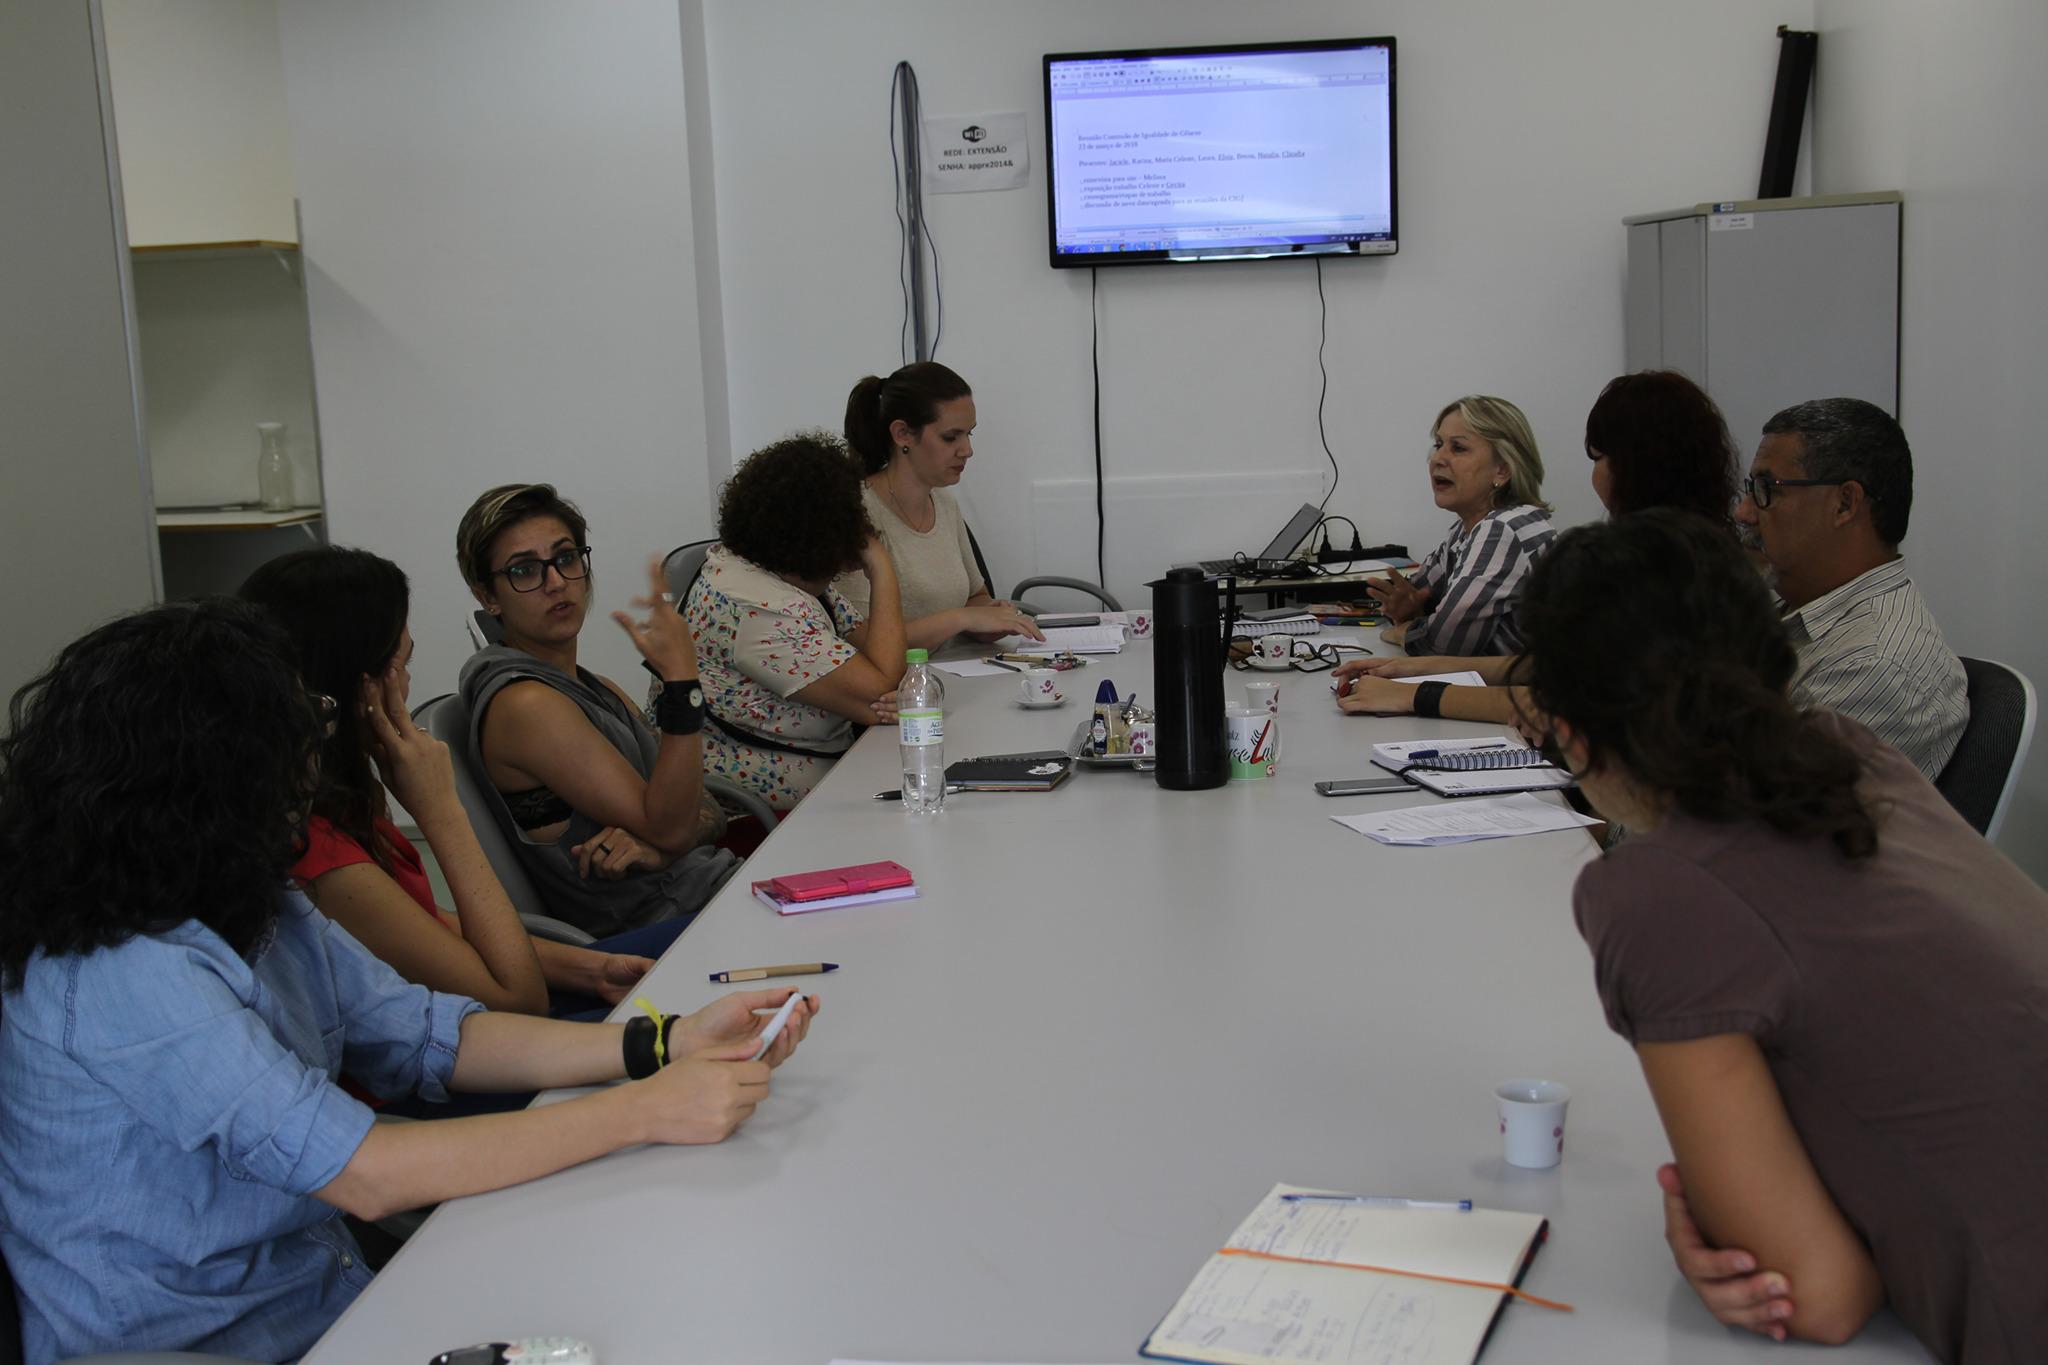 Audiodescrição: na foto, uma reunião da Comissão Institucional de Políticas de Igualdade de Gênero na Universidade. fim da audiodescrição